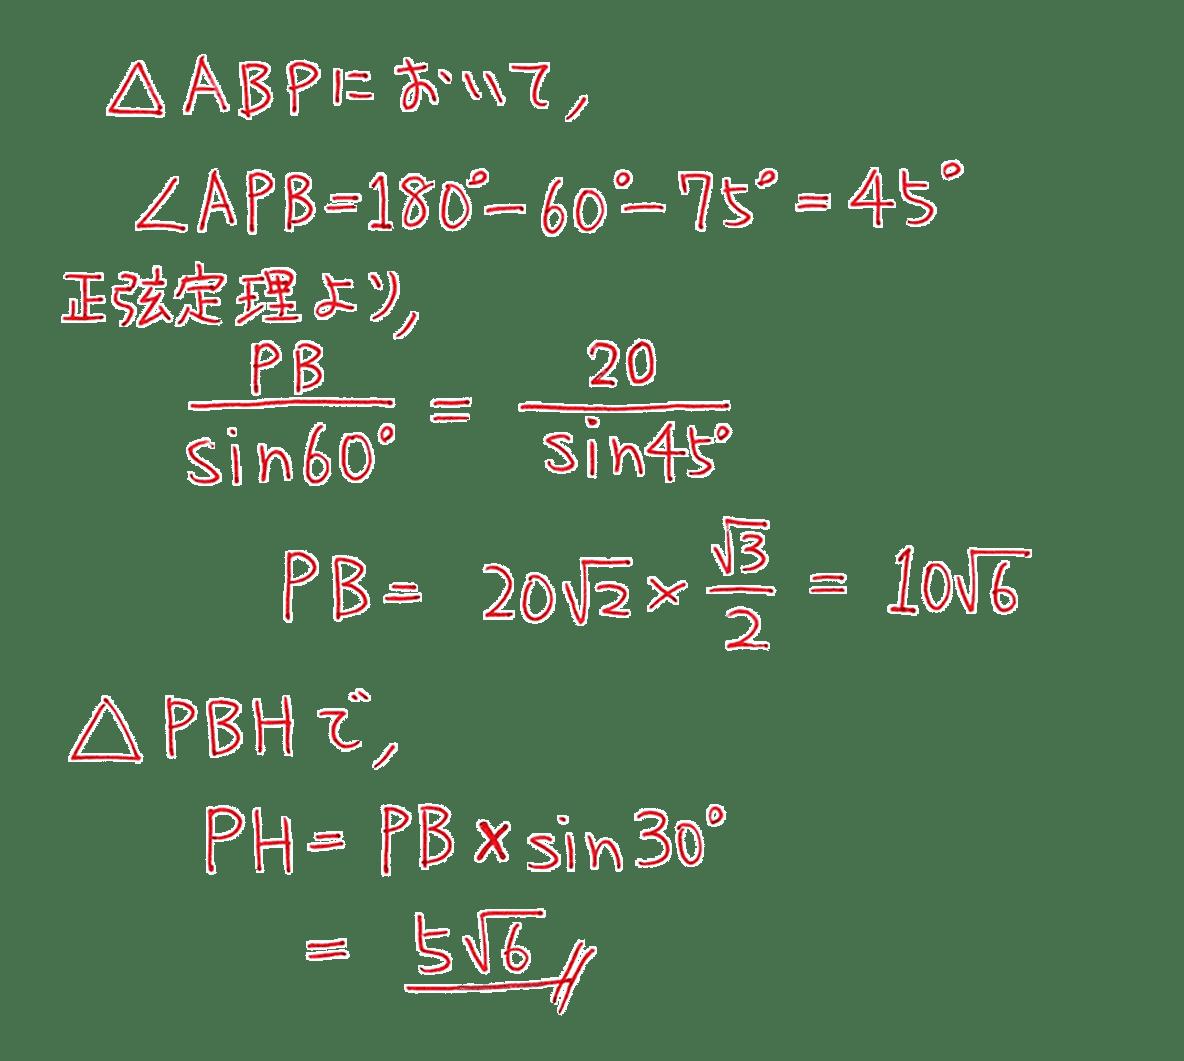 高校数学Ⅰ 三角比35 例題の答え